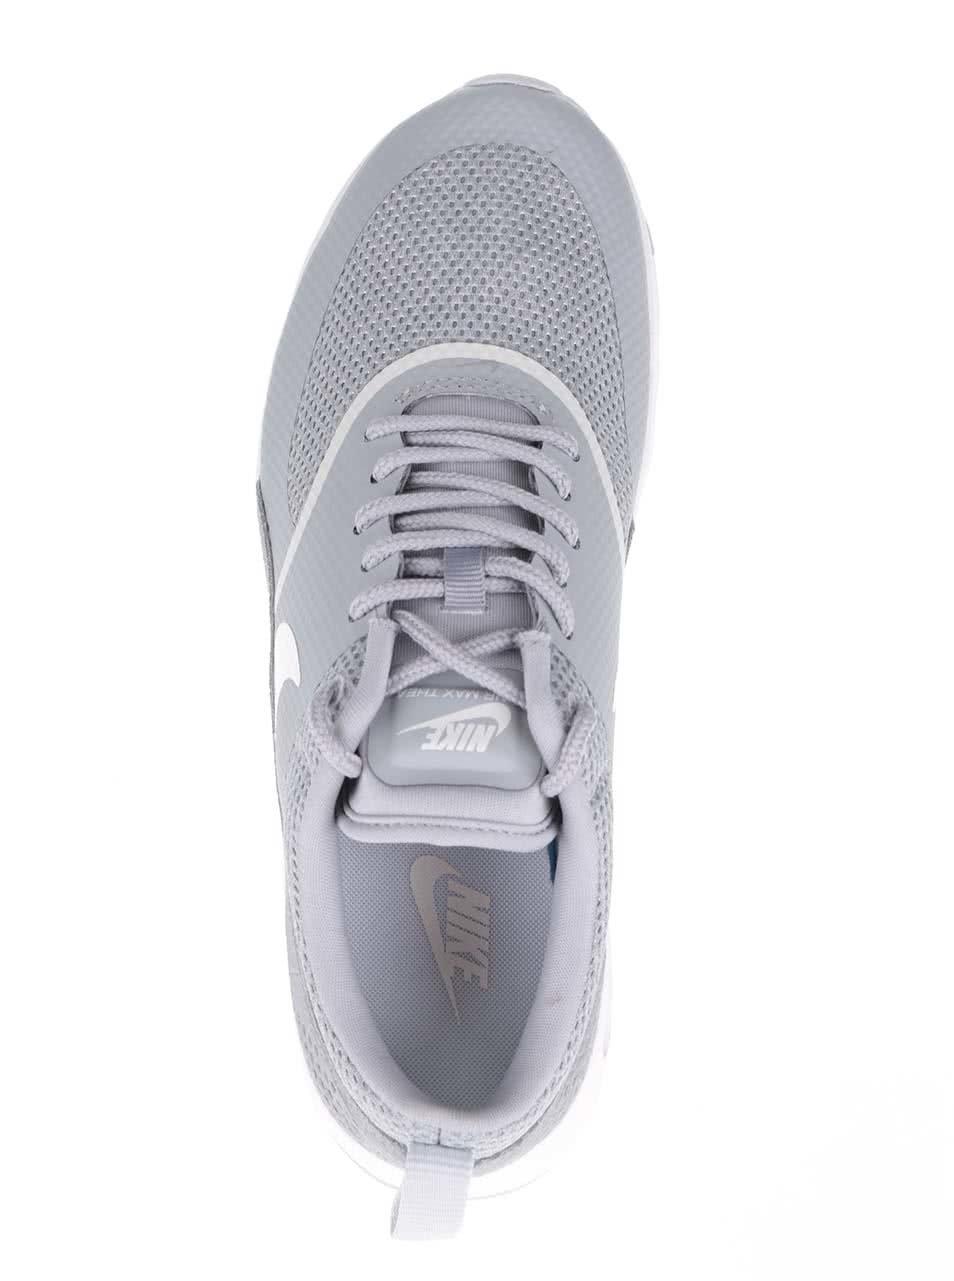 b7cad347d4 Svetlosivé dámske tenisky Nike Air Max Thea ...